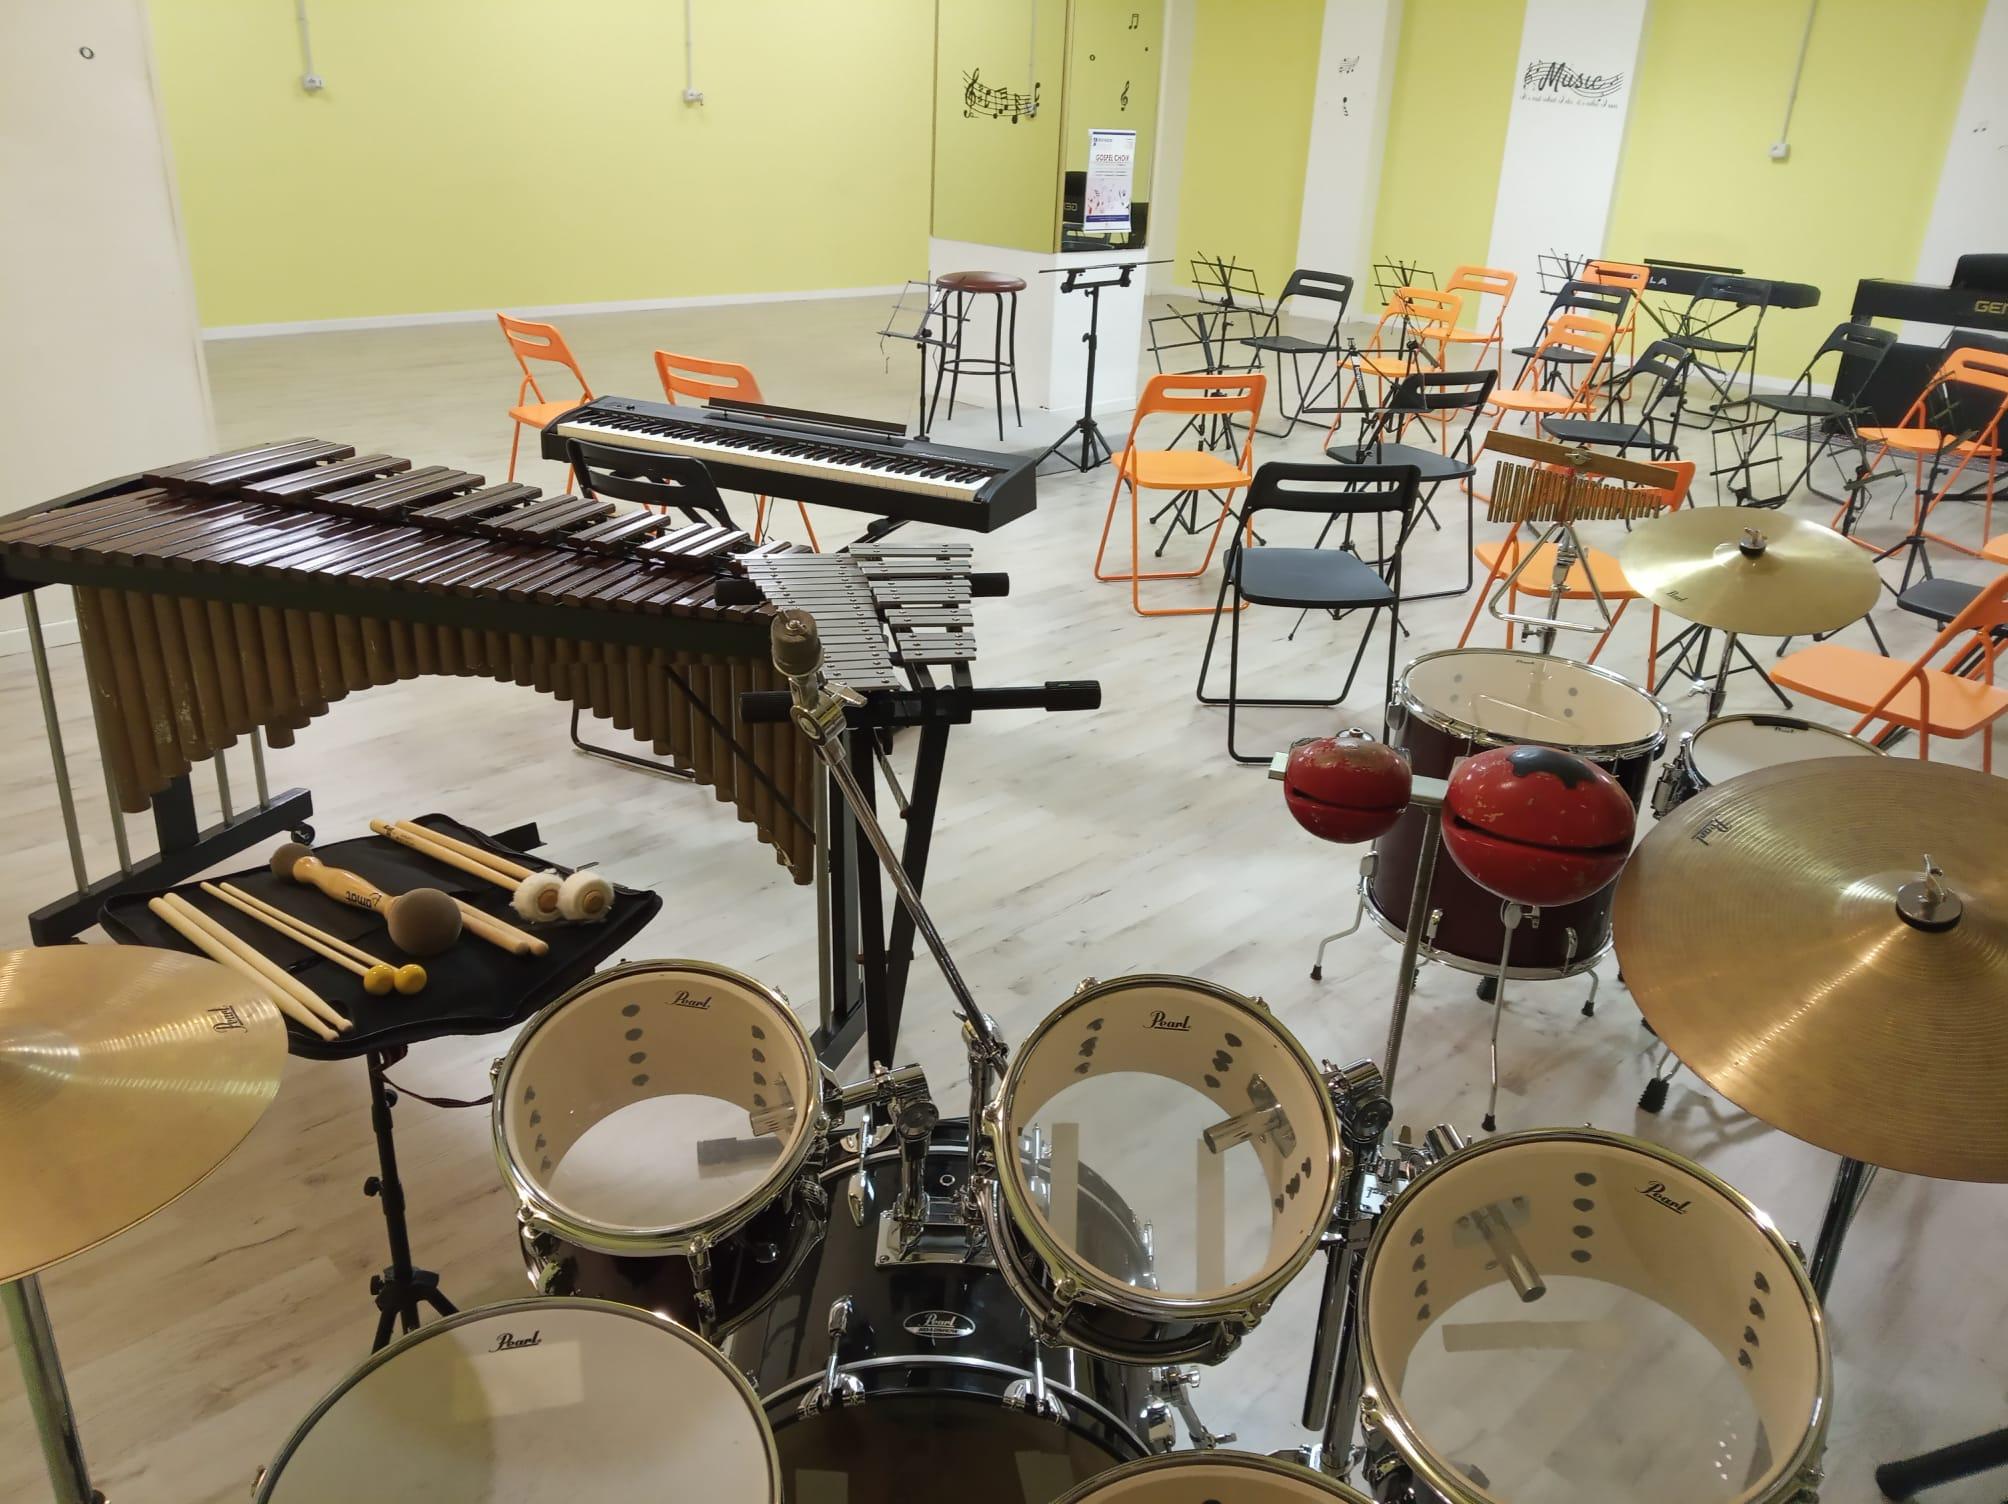 Le aule di musica dell'Istituto Corelli